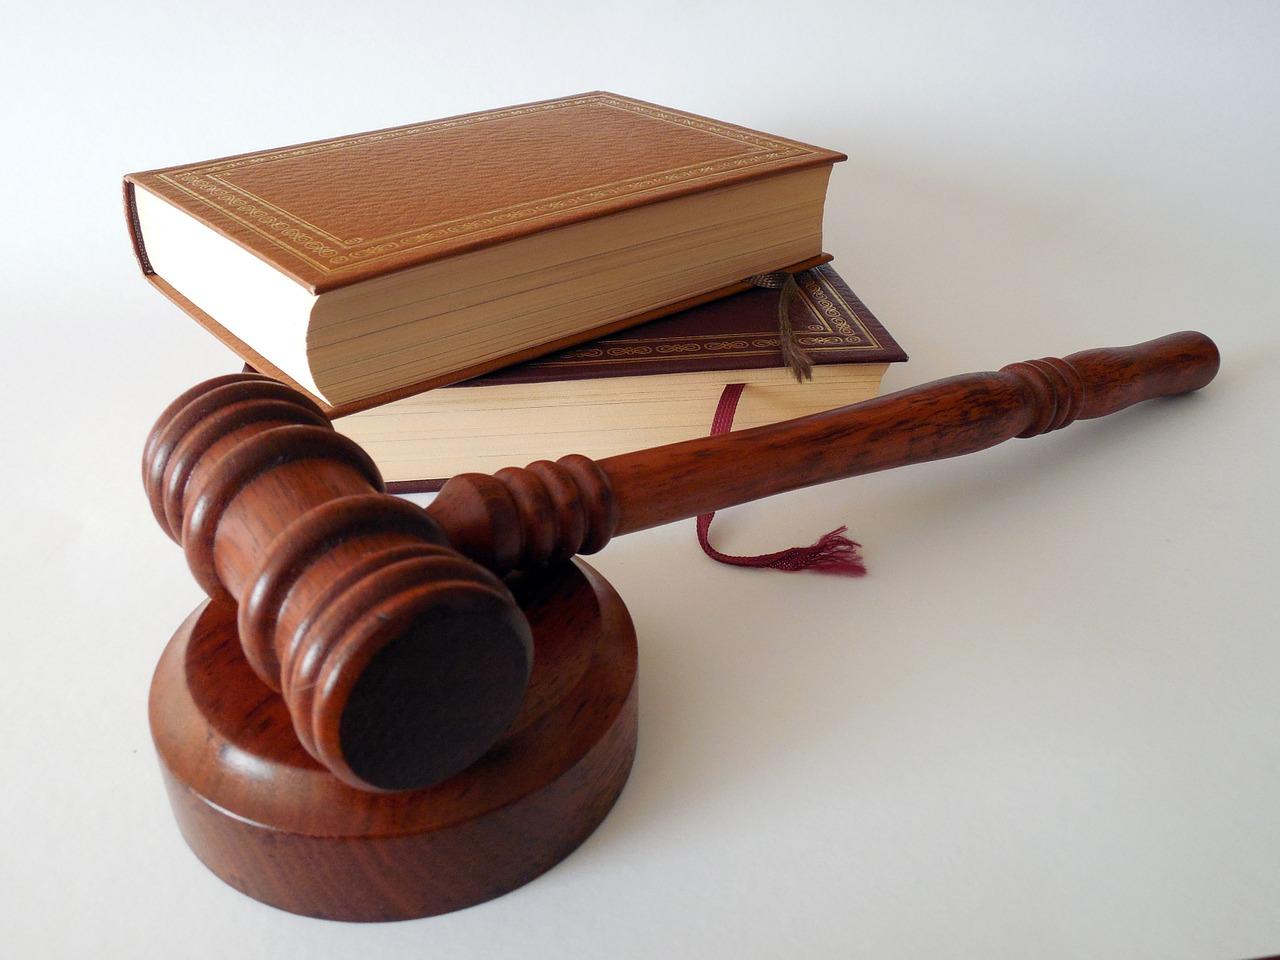 Embercsempészés miatt tartóztattak le egy portugál férfit